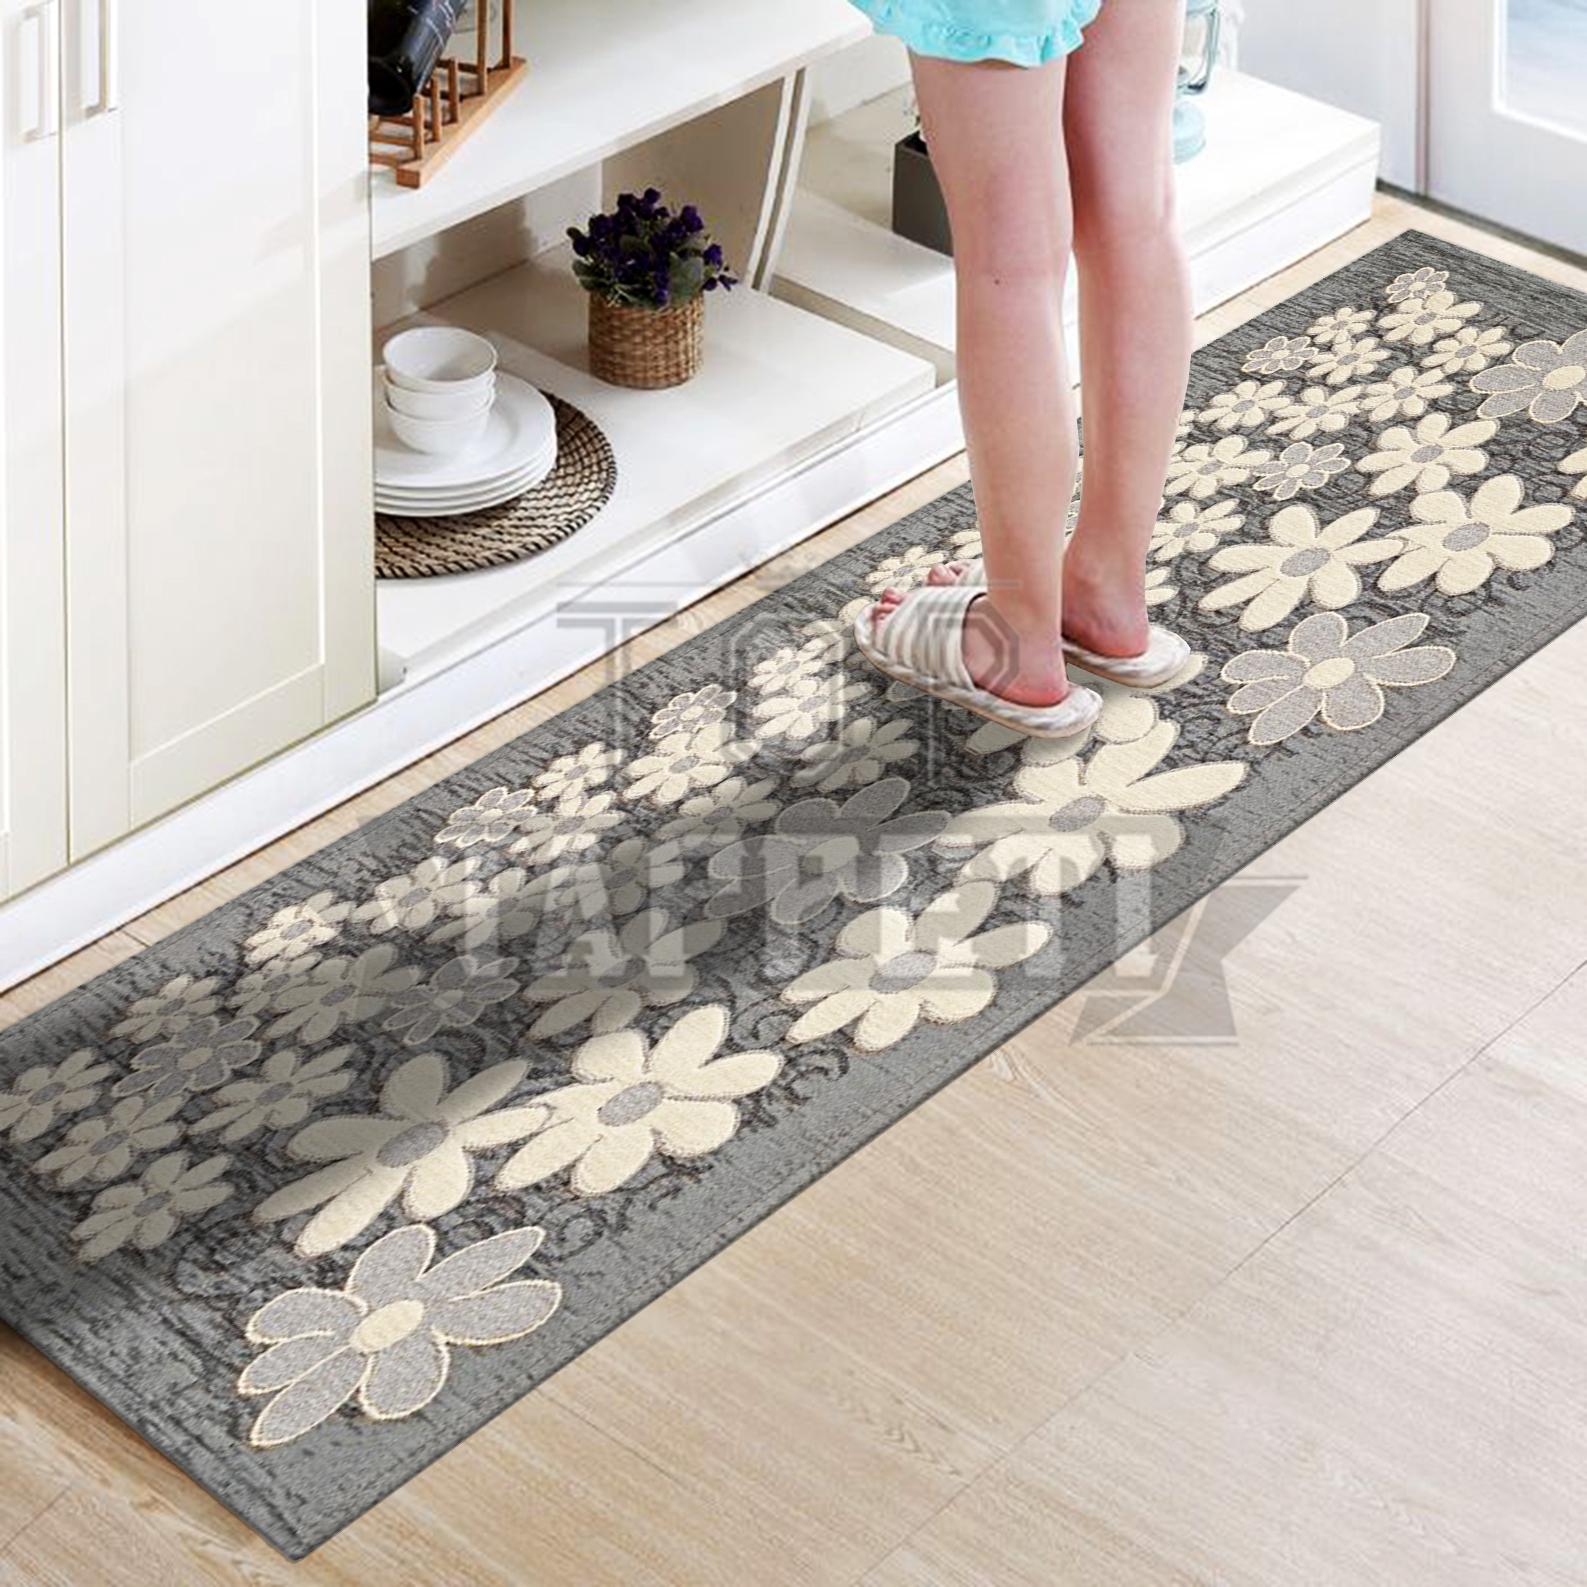 Margherita grigio tappeto passatoia cucina bagno lavabile antiscivolo fiori ebay - Tappeti cucina antiscivolo ...